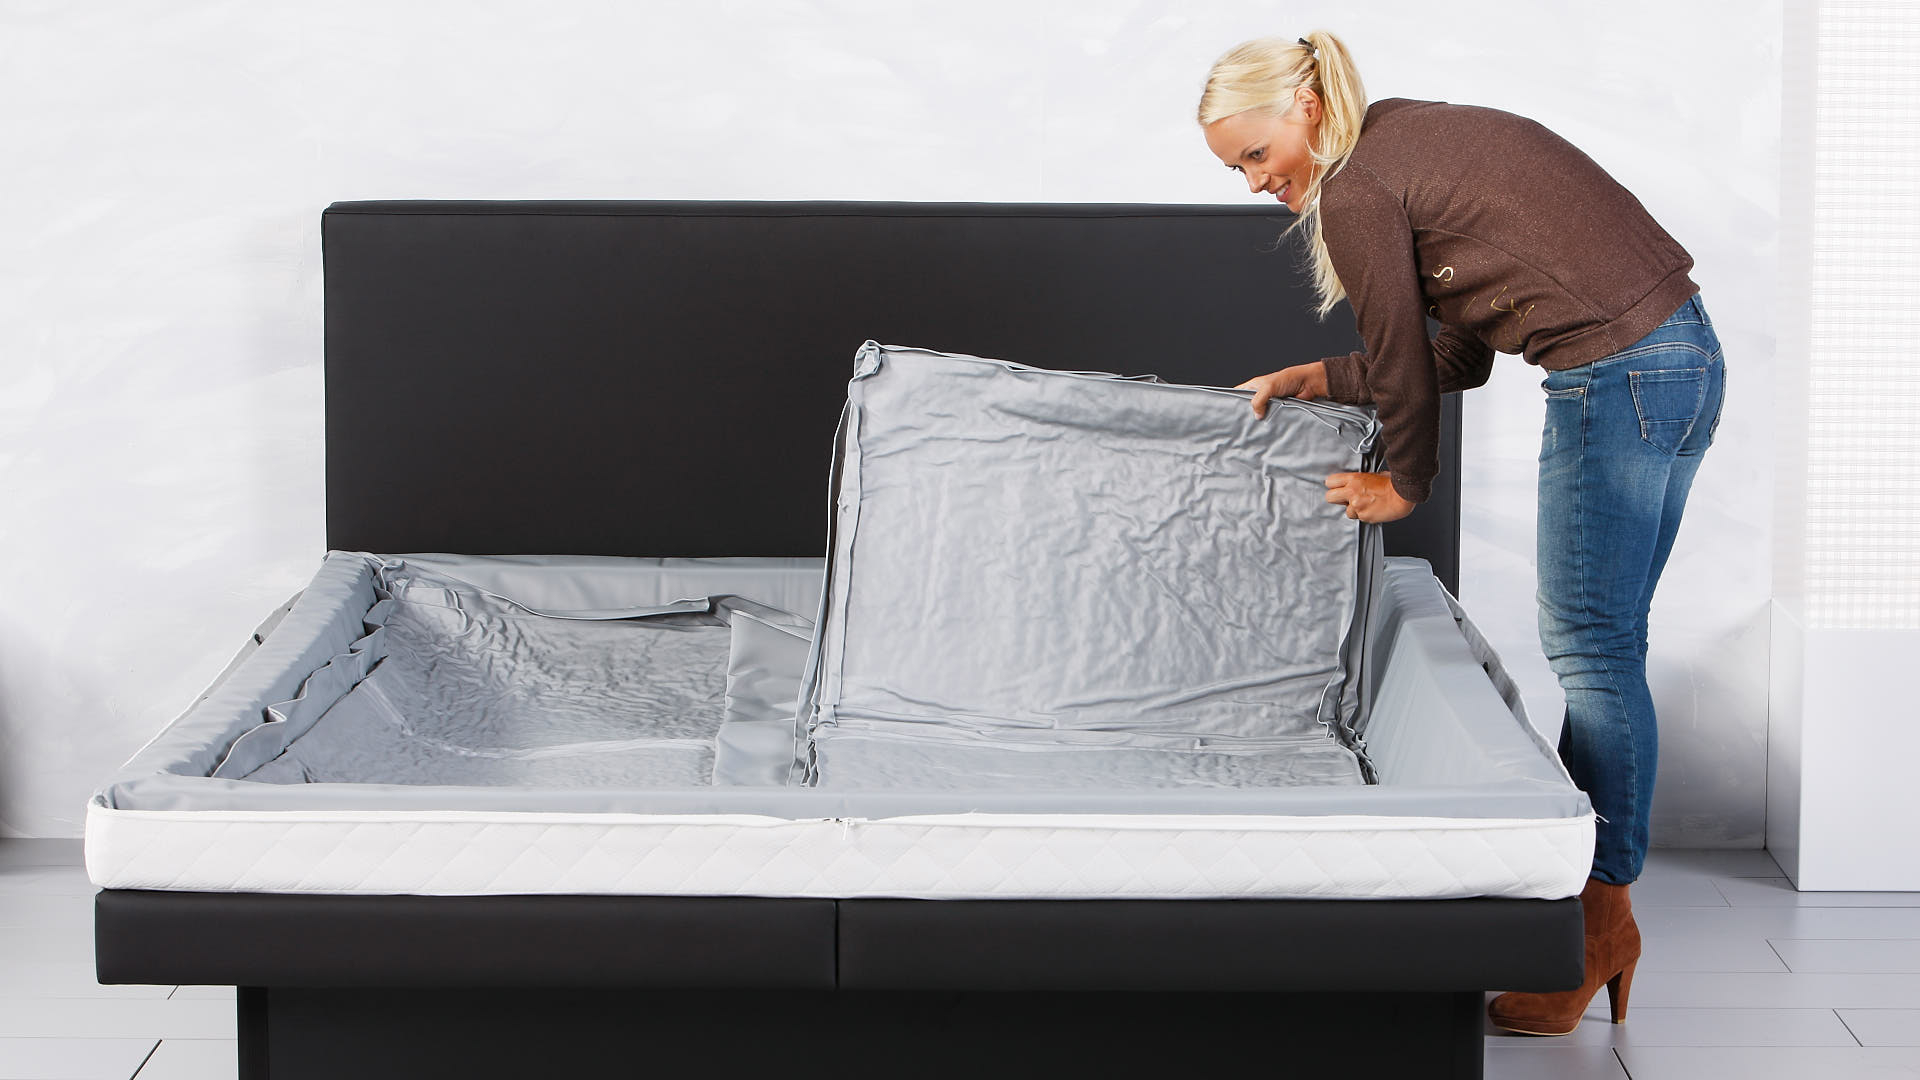 Wasserbett Luxus Thermotrennwand mittig platzieren